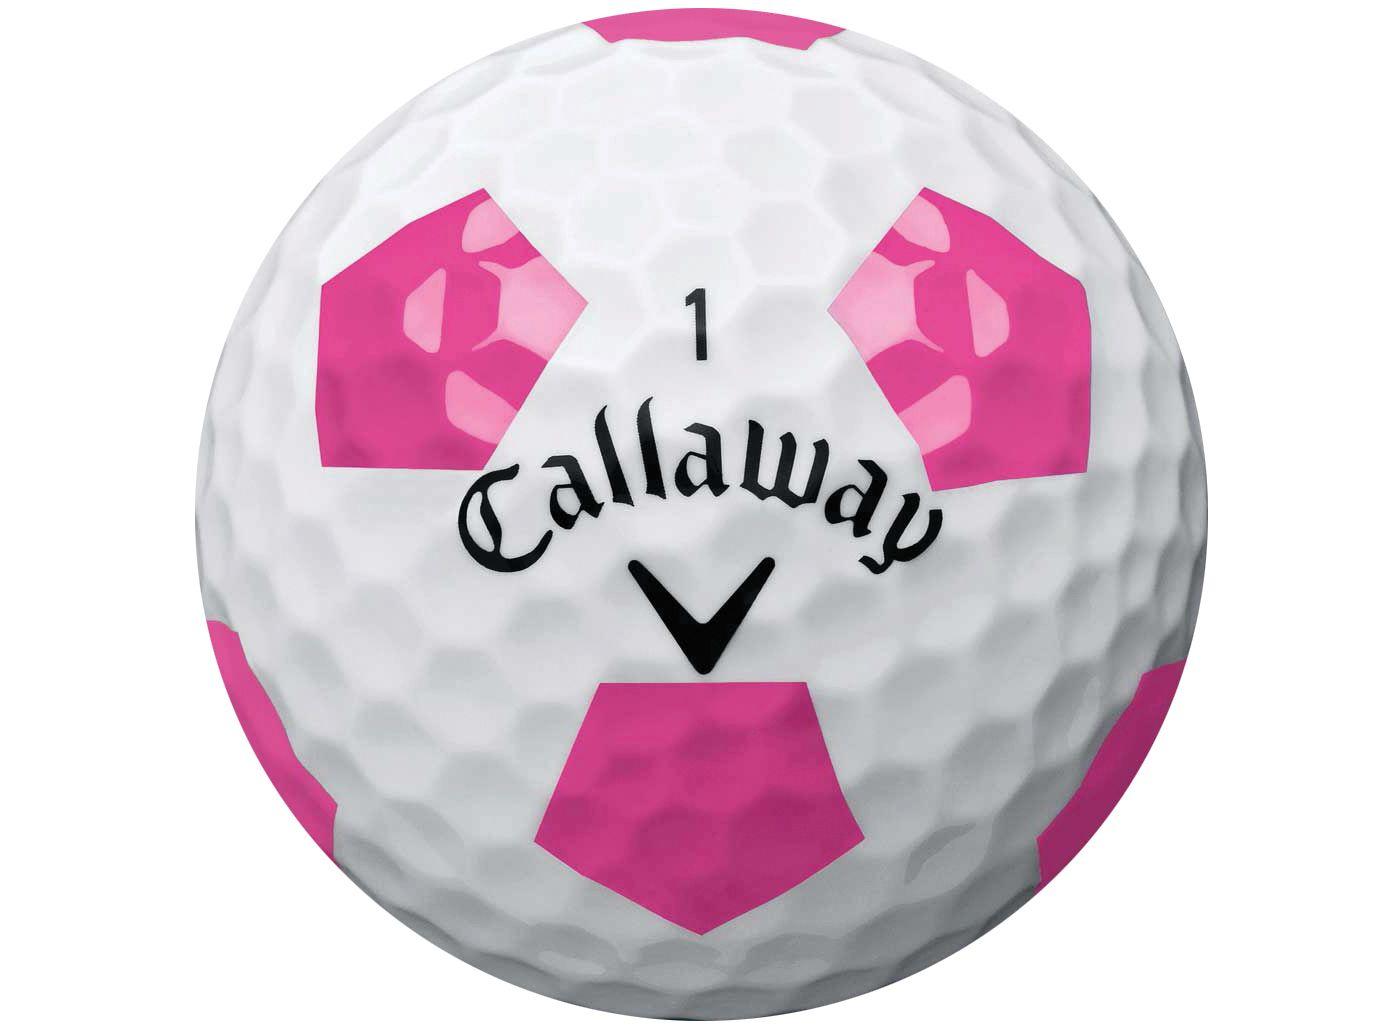 Callaway 2018 Chrome Soft Truvis Pink Golf Balls